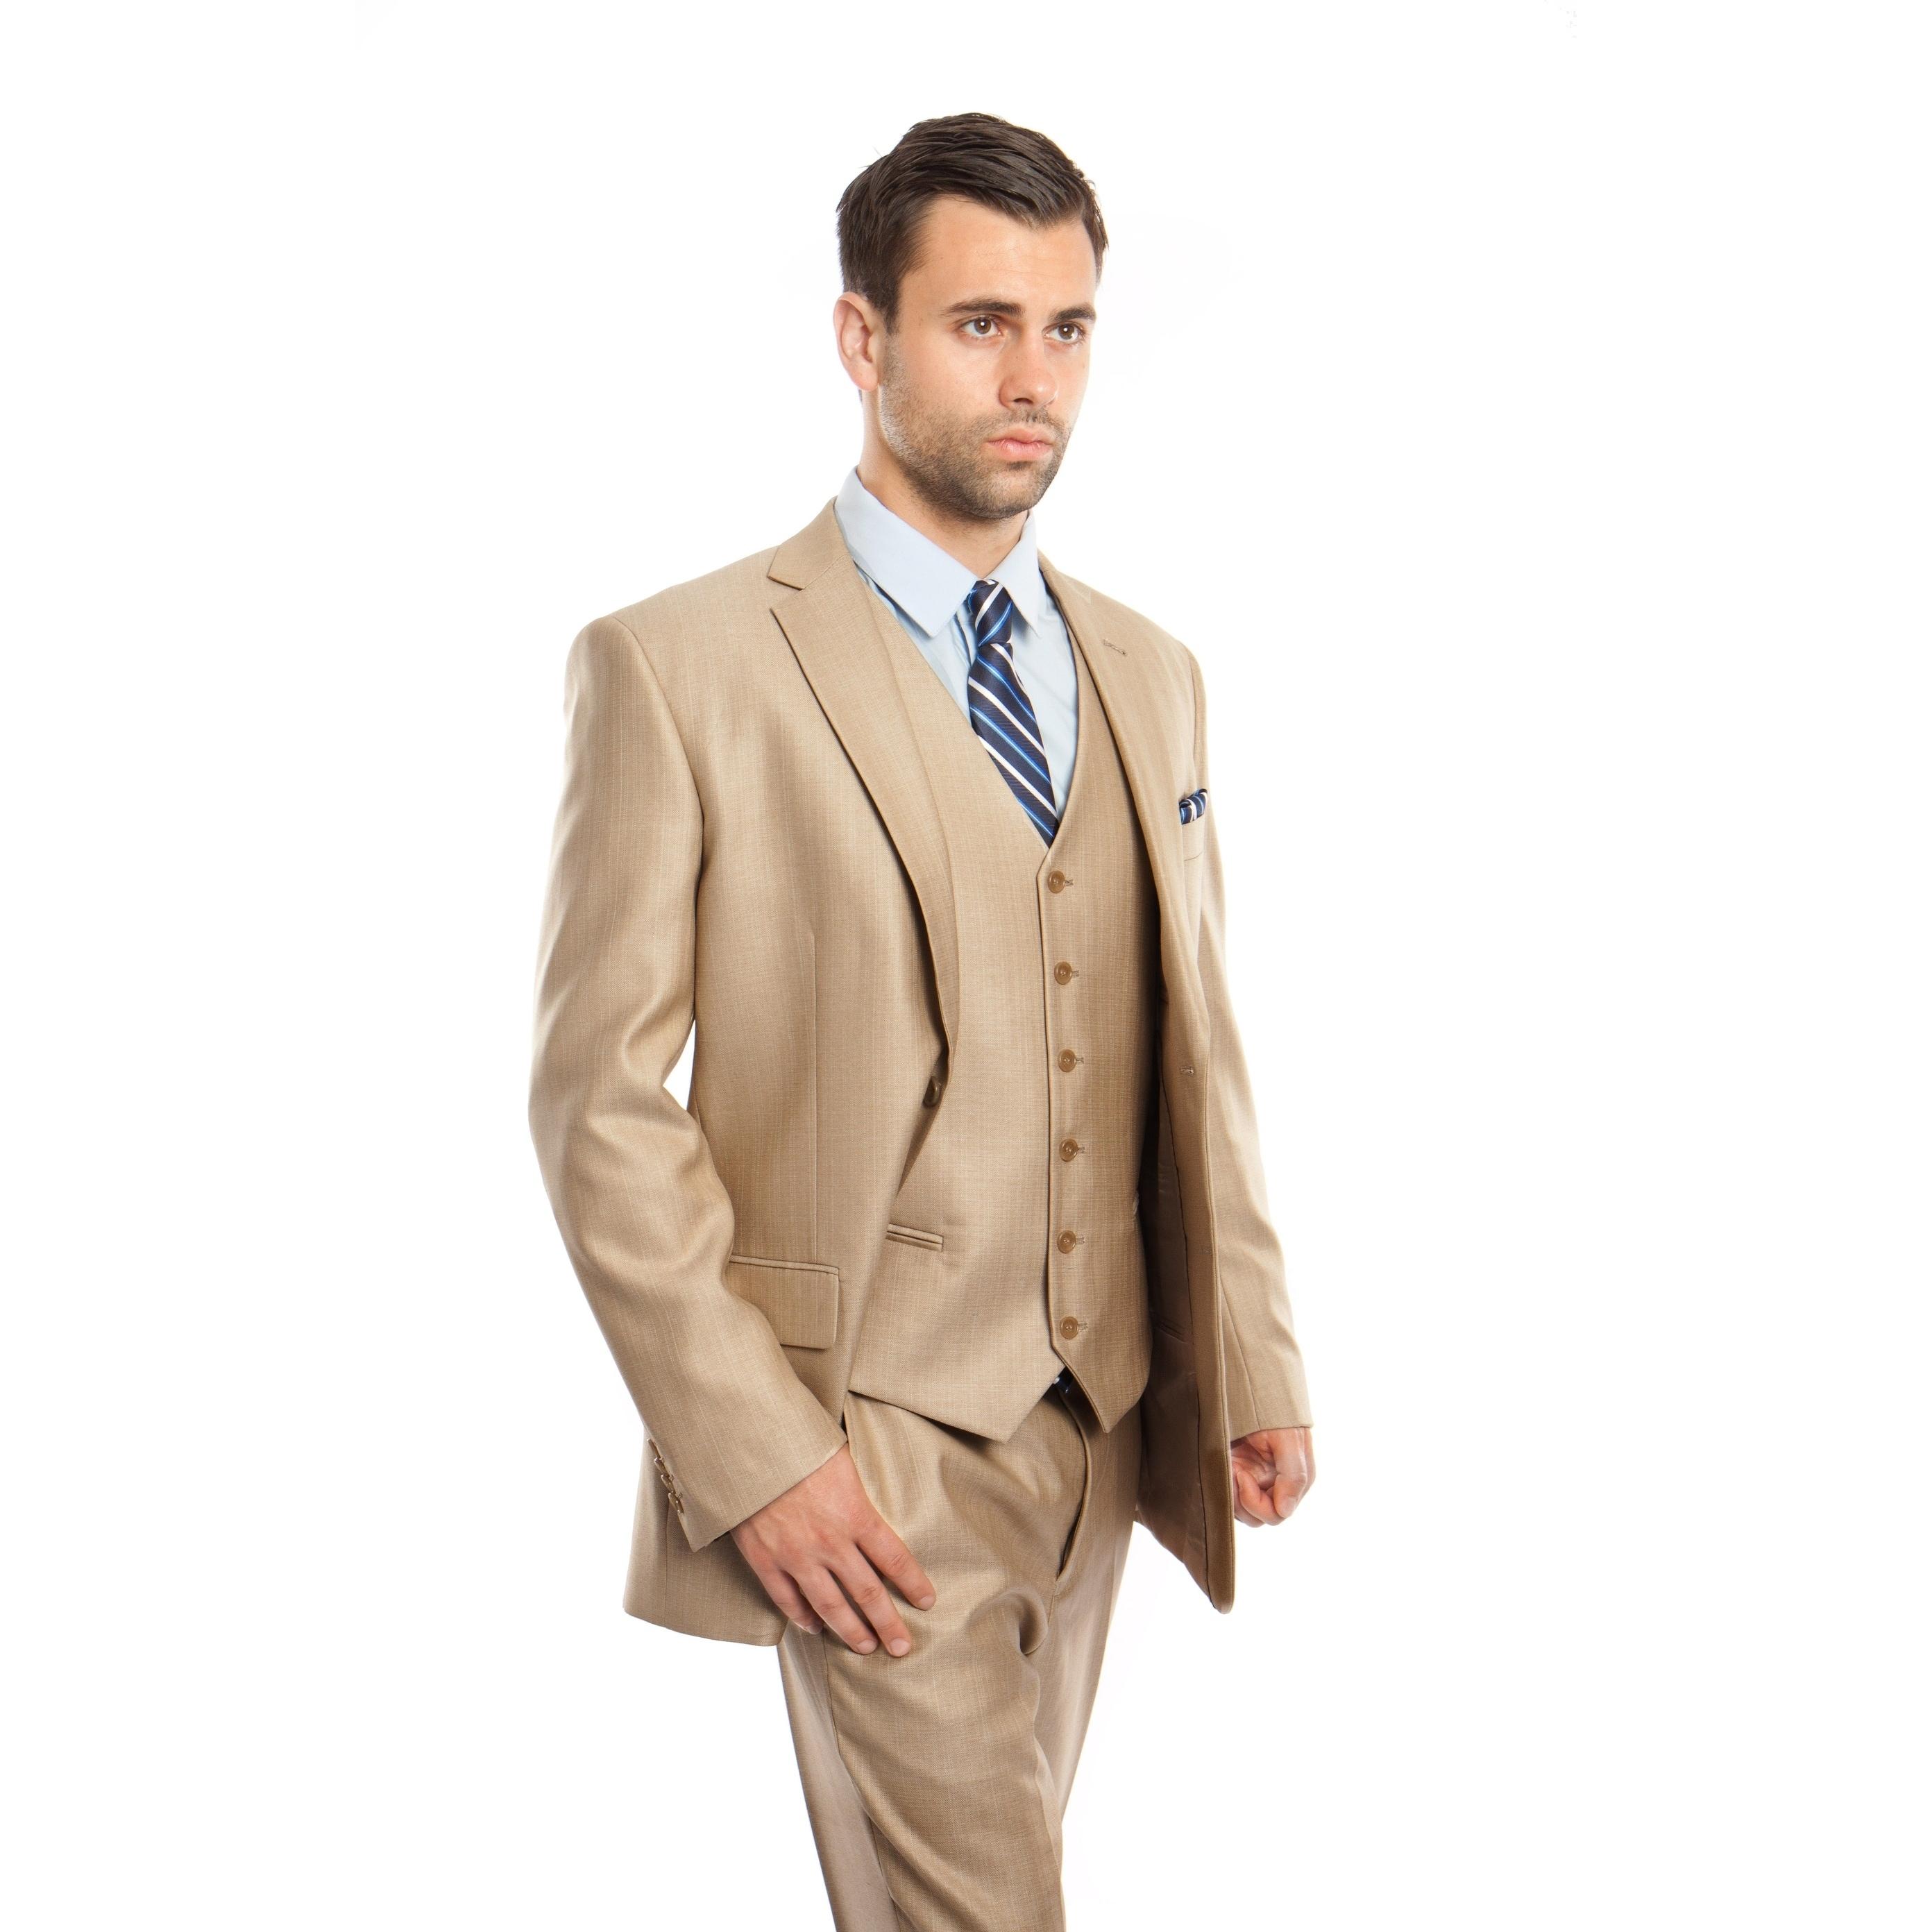 big discount sale harmonious colors exquisite craftsmanship Men Suit Stone Color Solid Texture 3 Pieces Classic Fit Mens Suits